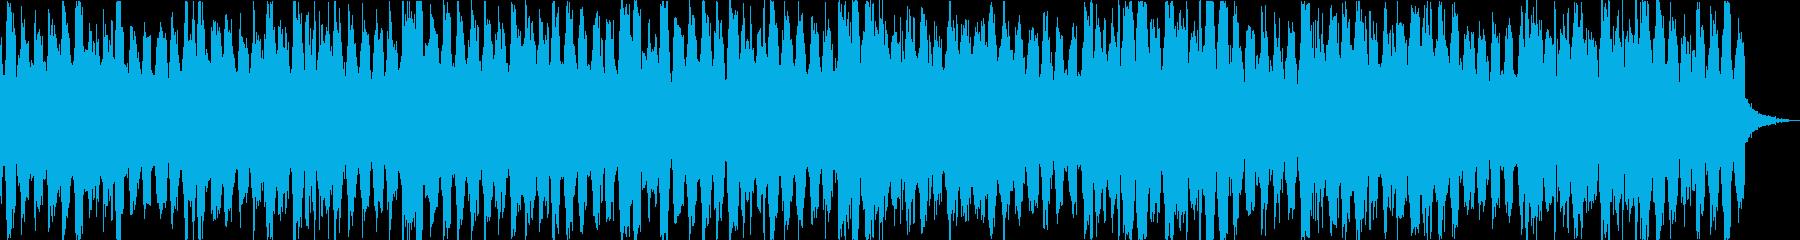 ホラー・ミステリー系 緊張感 謎解き系の再生済みの波形